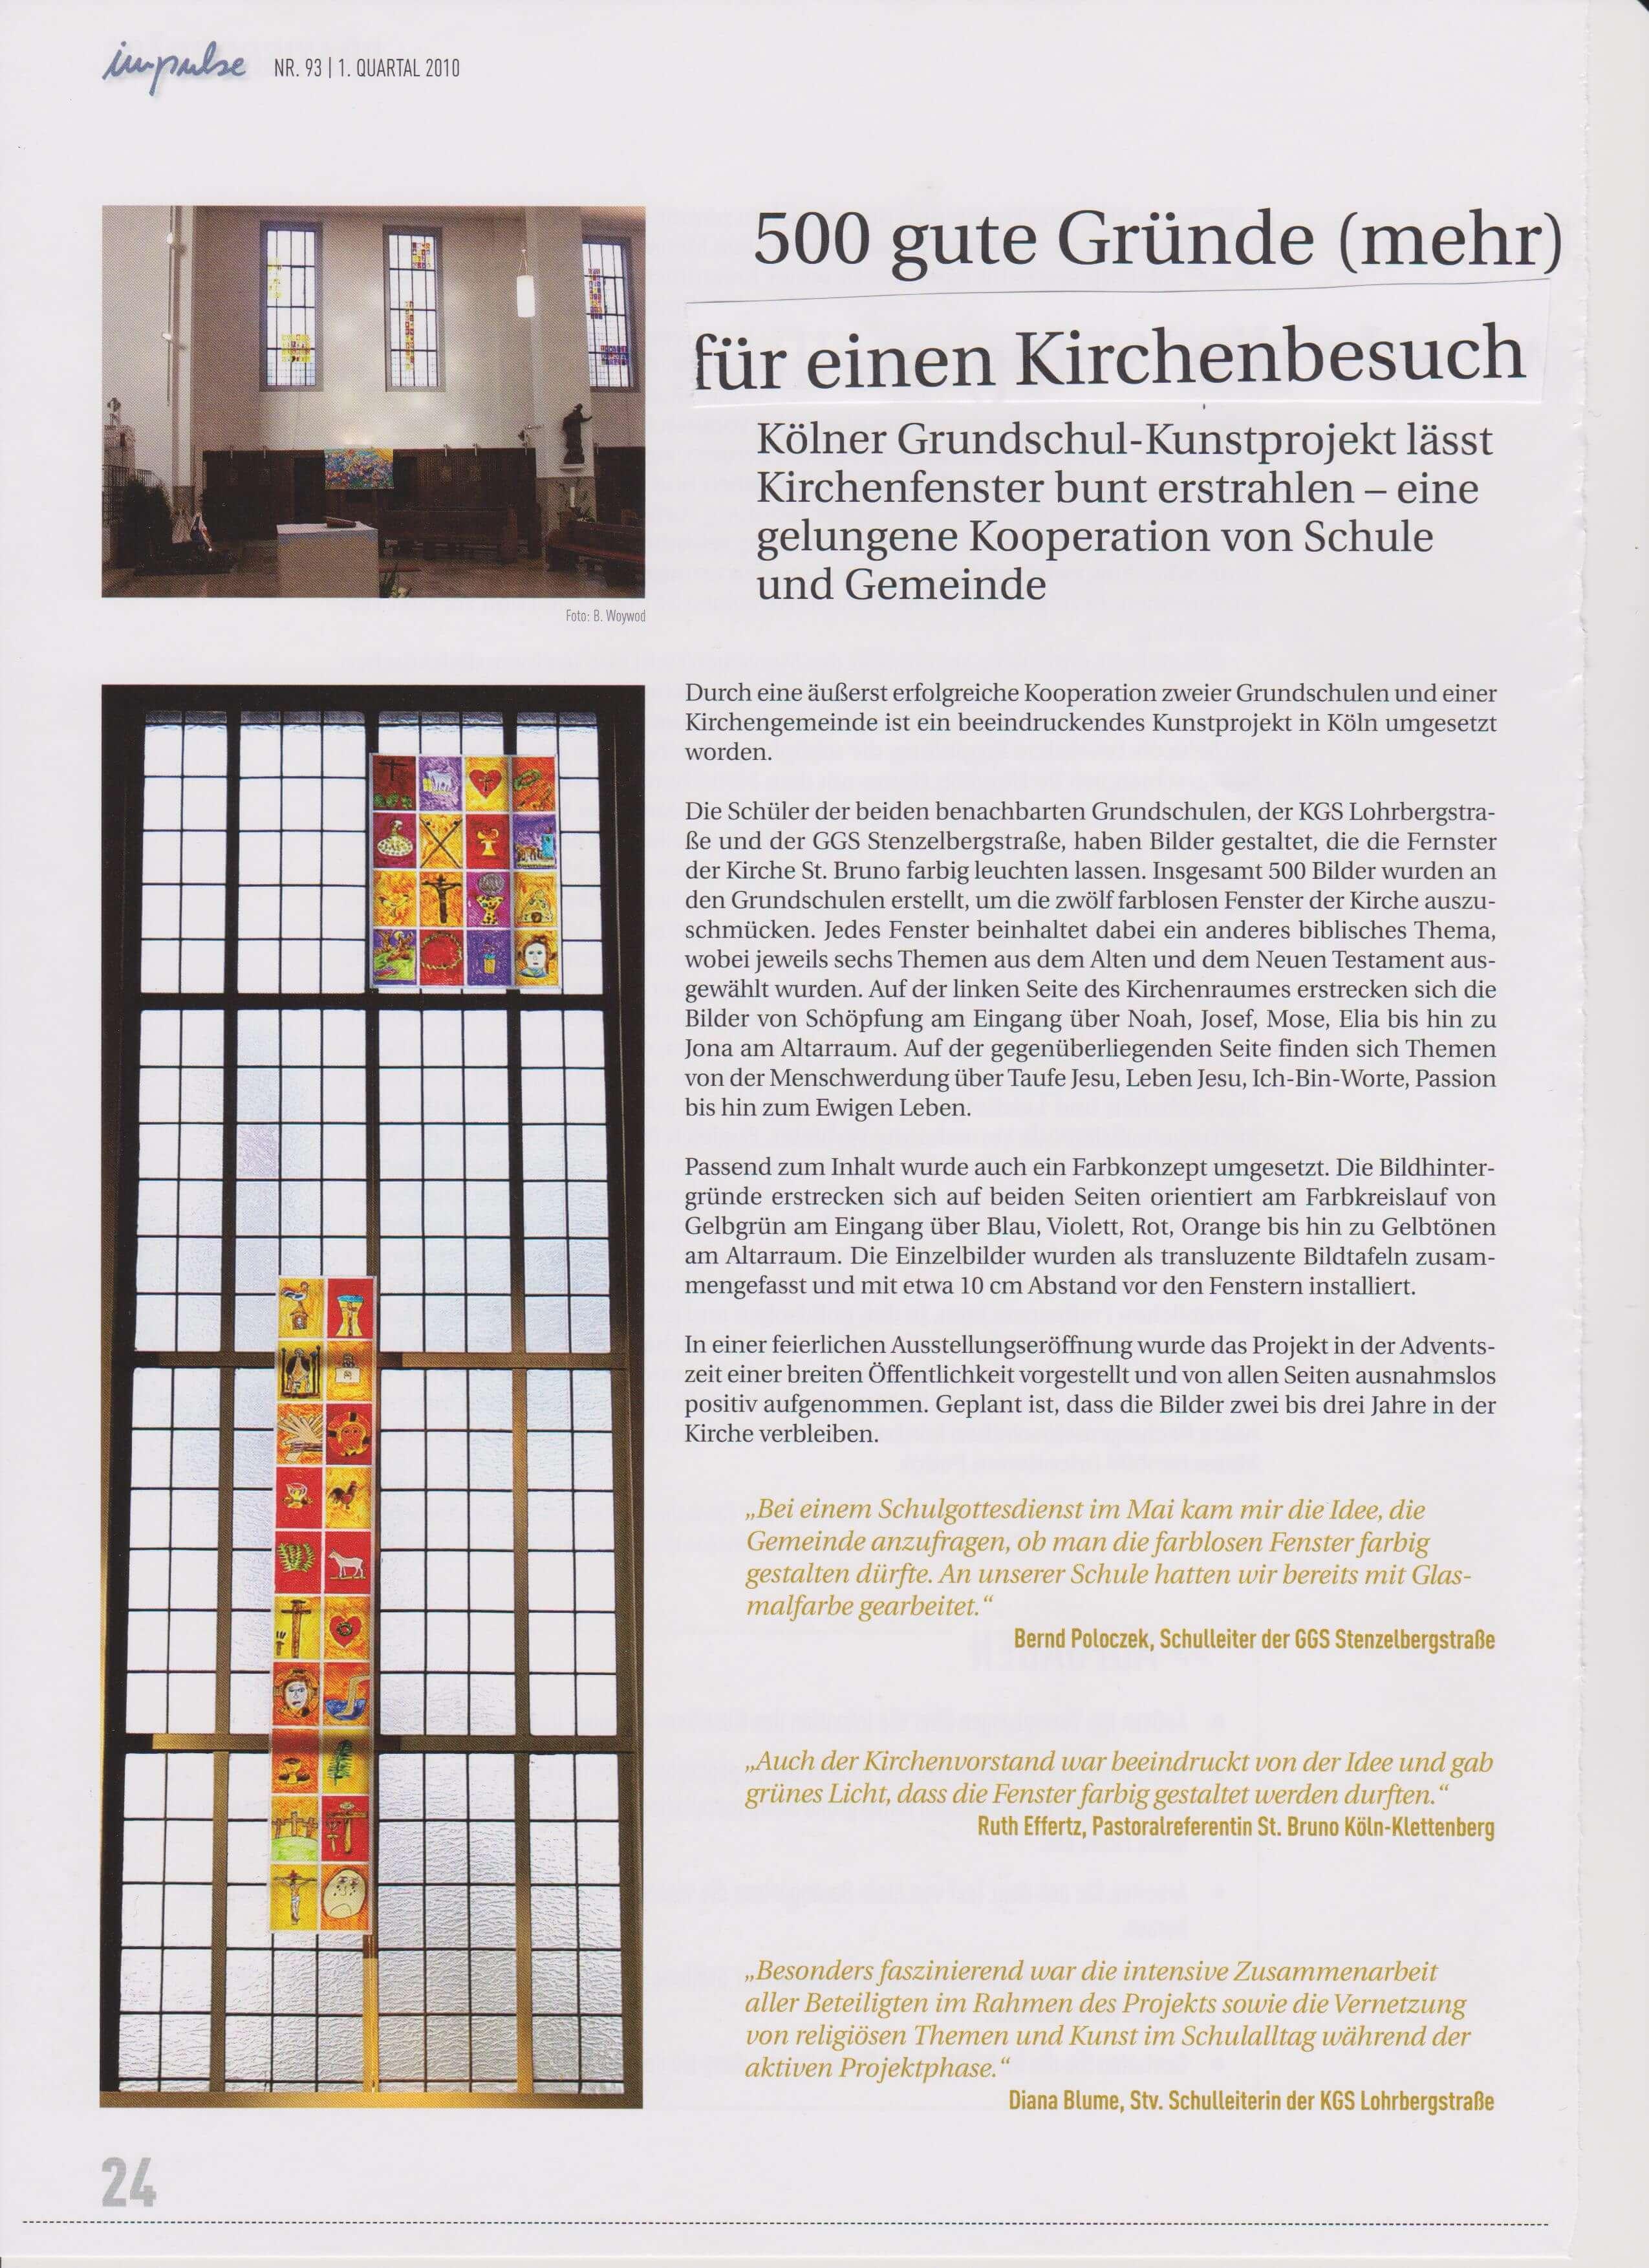 Kirchenfensterprojekt, 2010